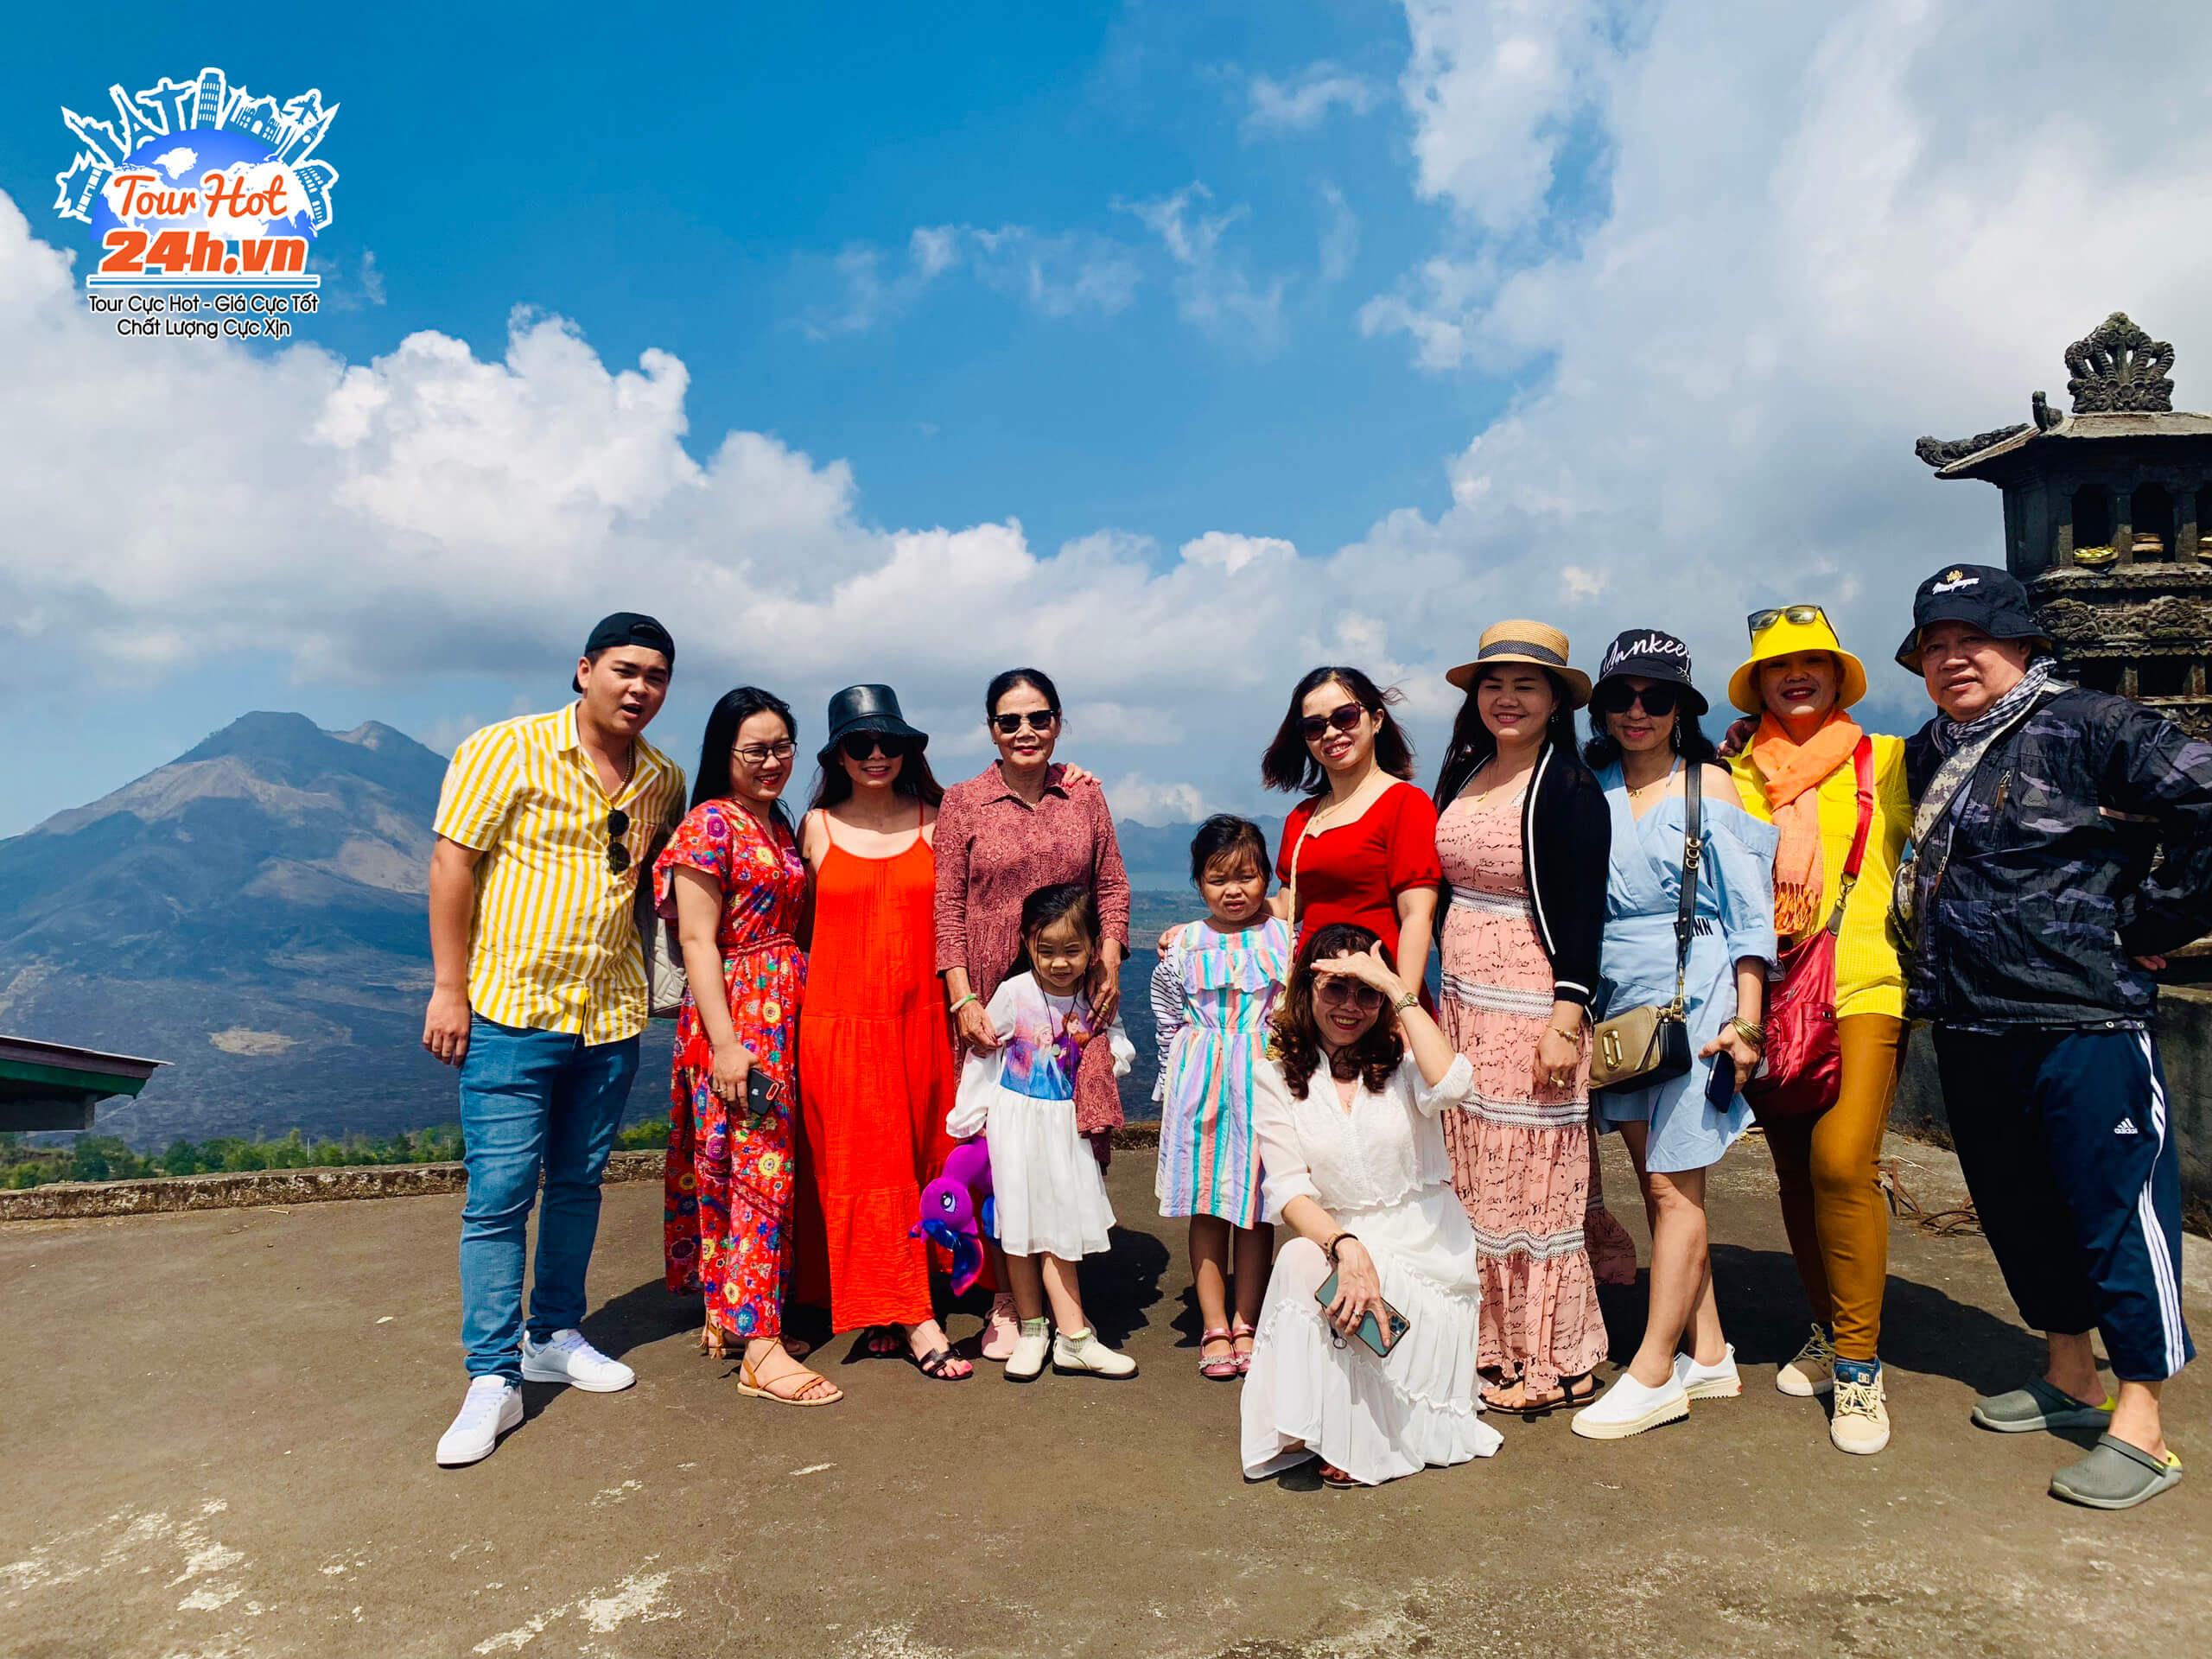 Hình đoàn khách tham gia tour Bali 5 sao chụp hình bên núi Batur